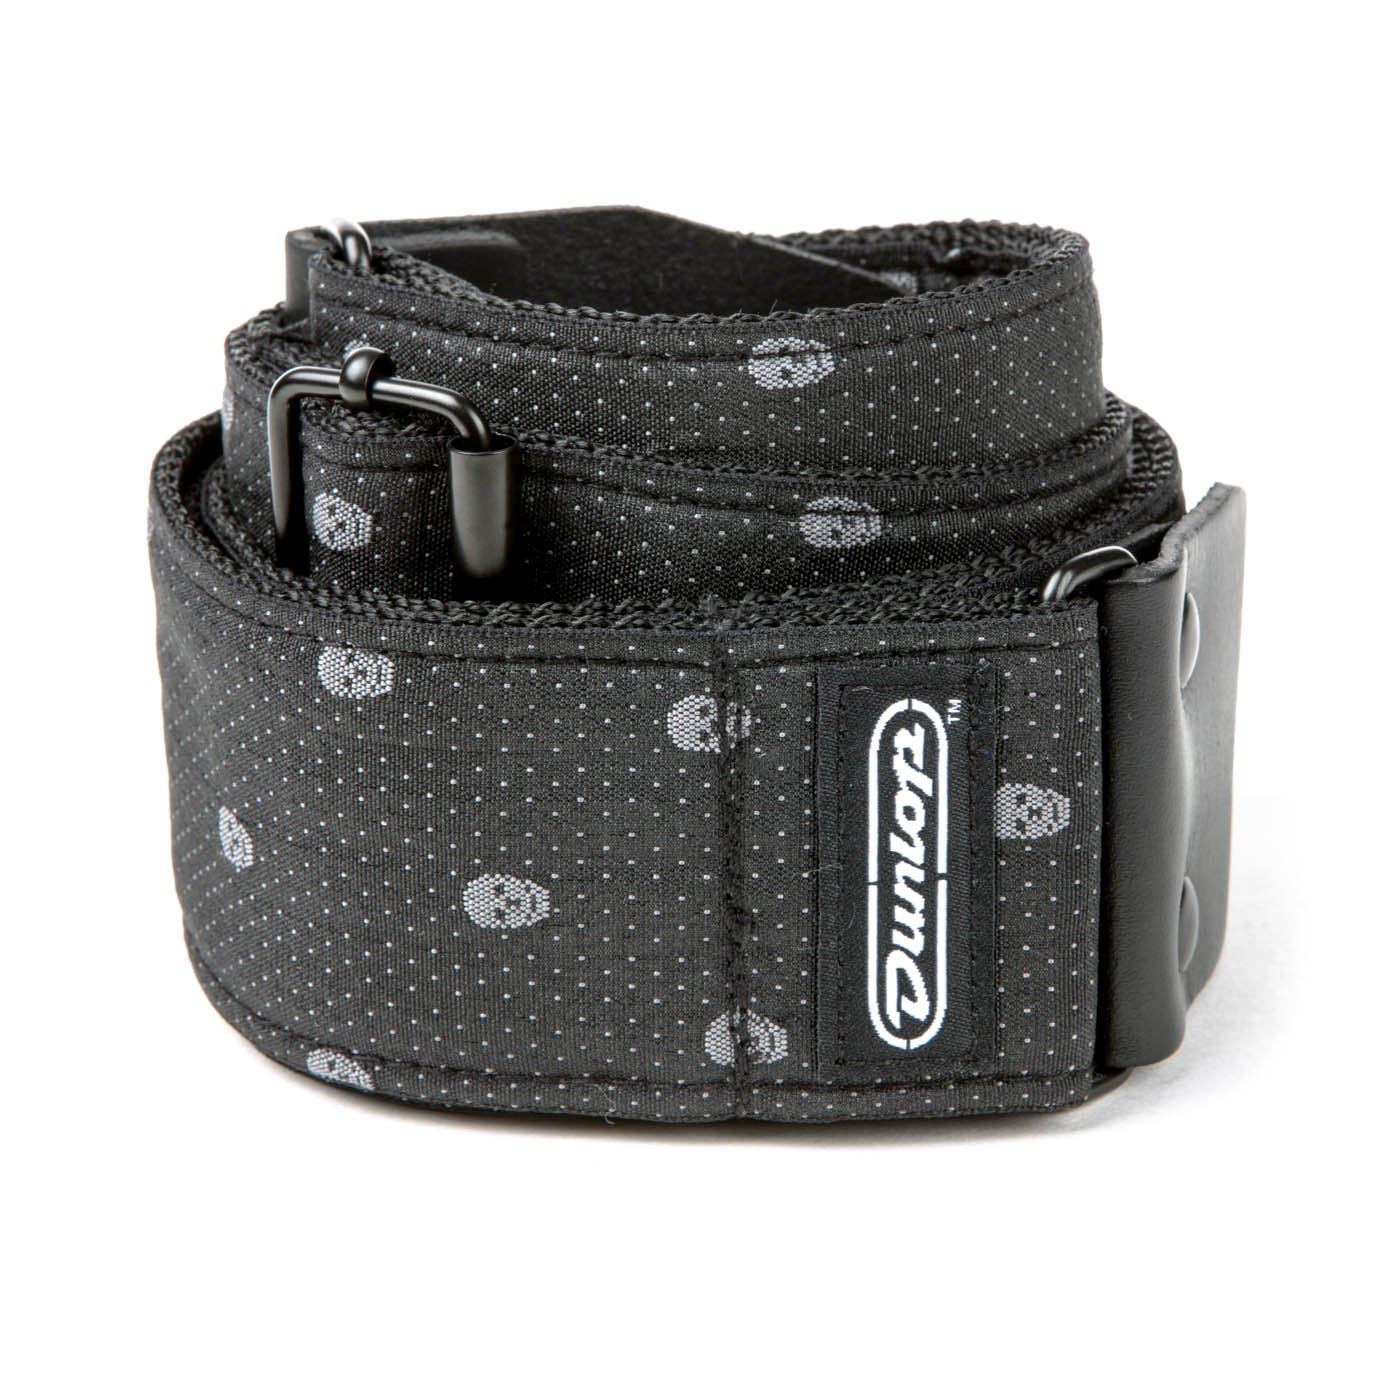 Dunlop D6707 Designer Jacquard Strap - Grey Skull